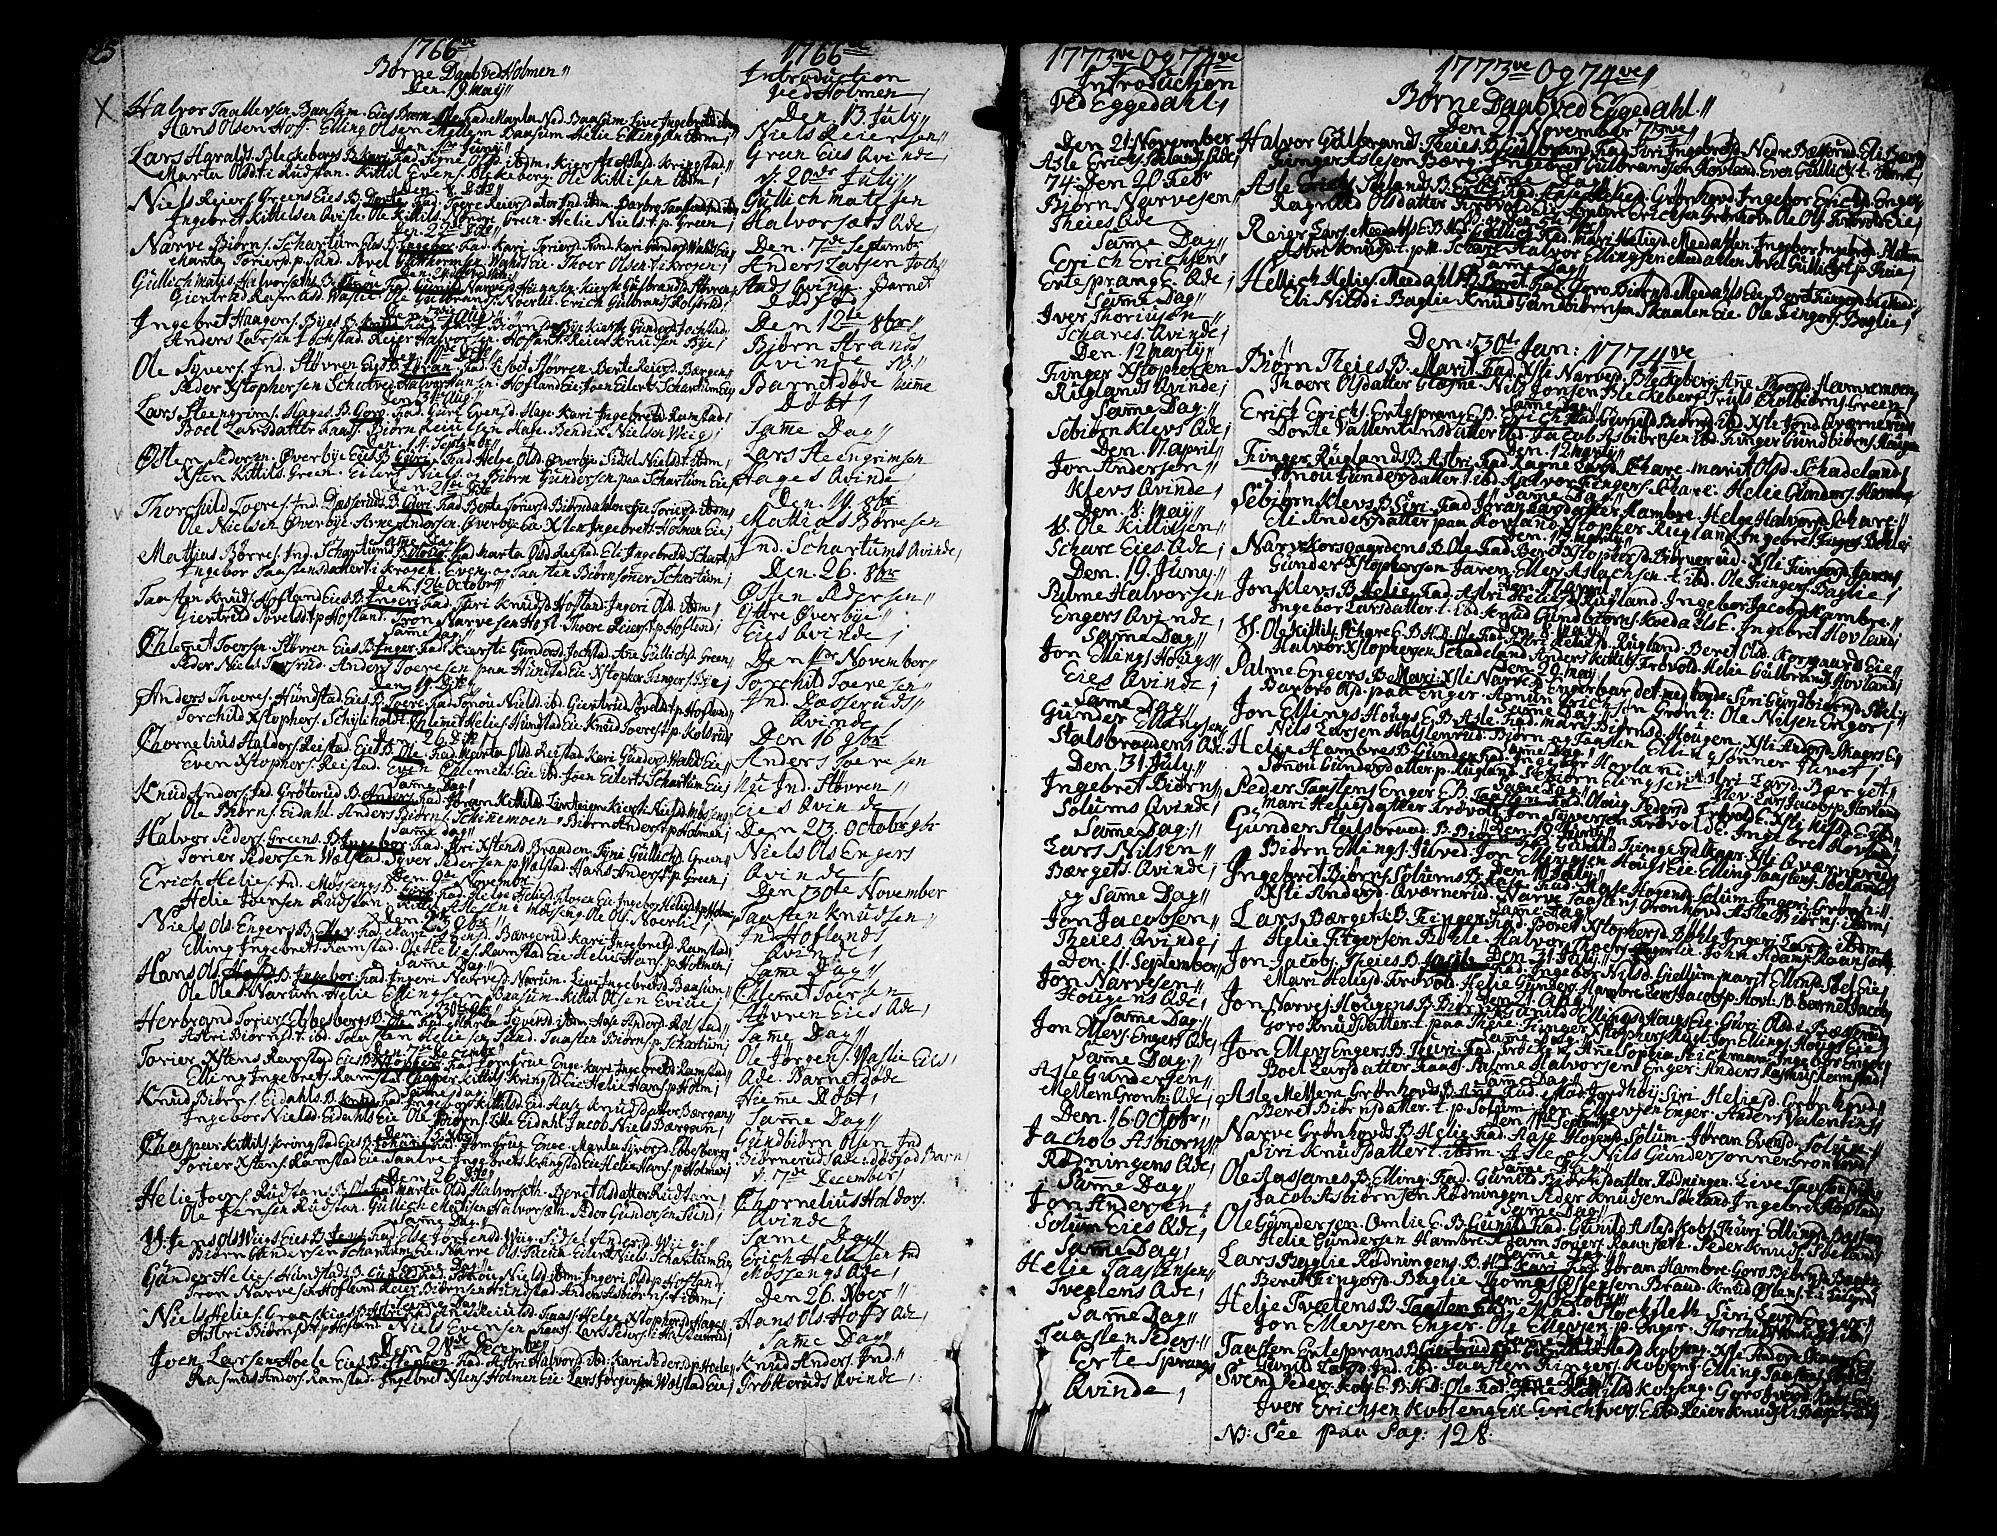 SAKO, Sigdal kirkebøker, F/Fa/L0001: Ministerialbok nr. I 1, 1722-1777, s. 125-126